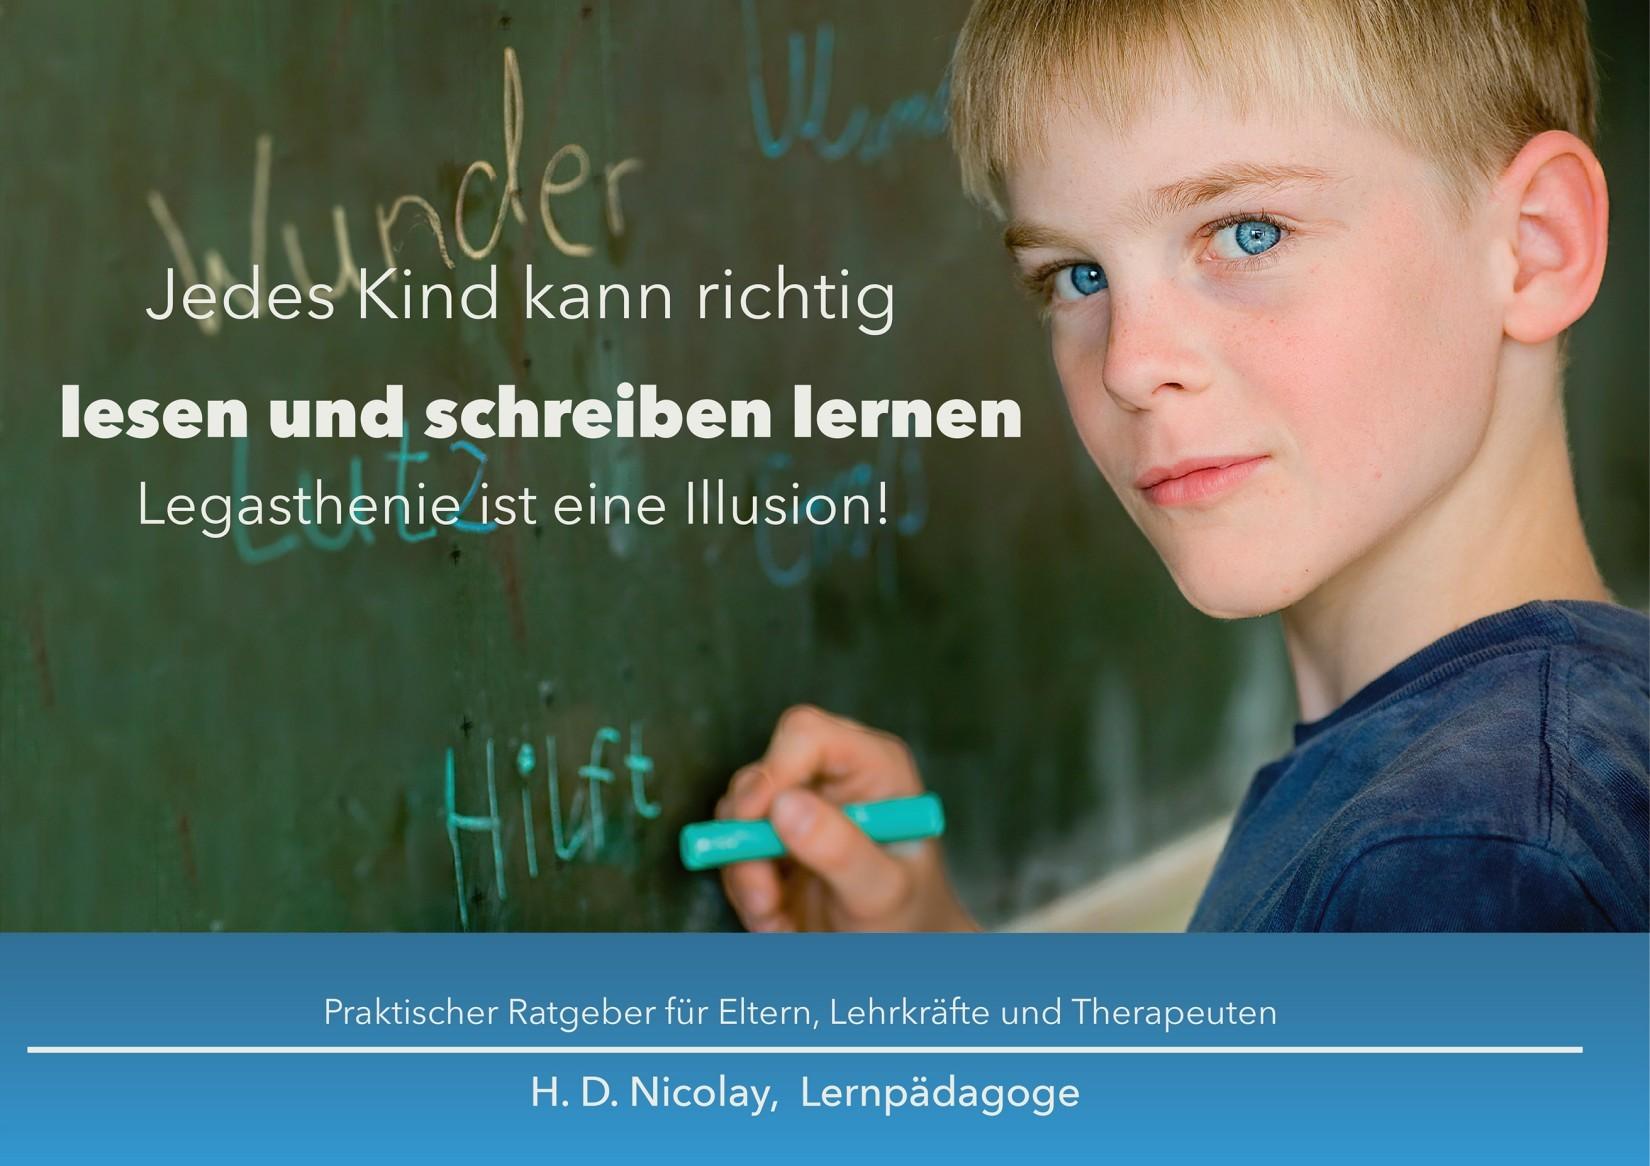 Das neue Buch von H. D. Nicolay ist ein Selbsthilfe-Ratgeber, um lesen und schreiben zu lernen